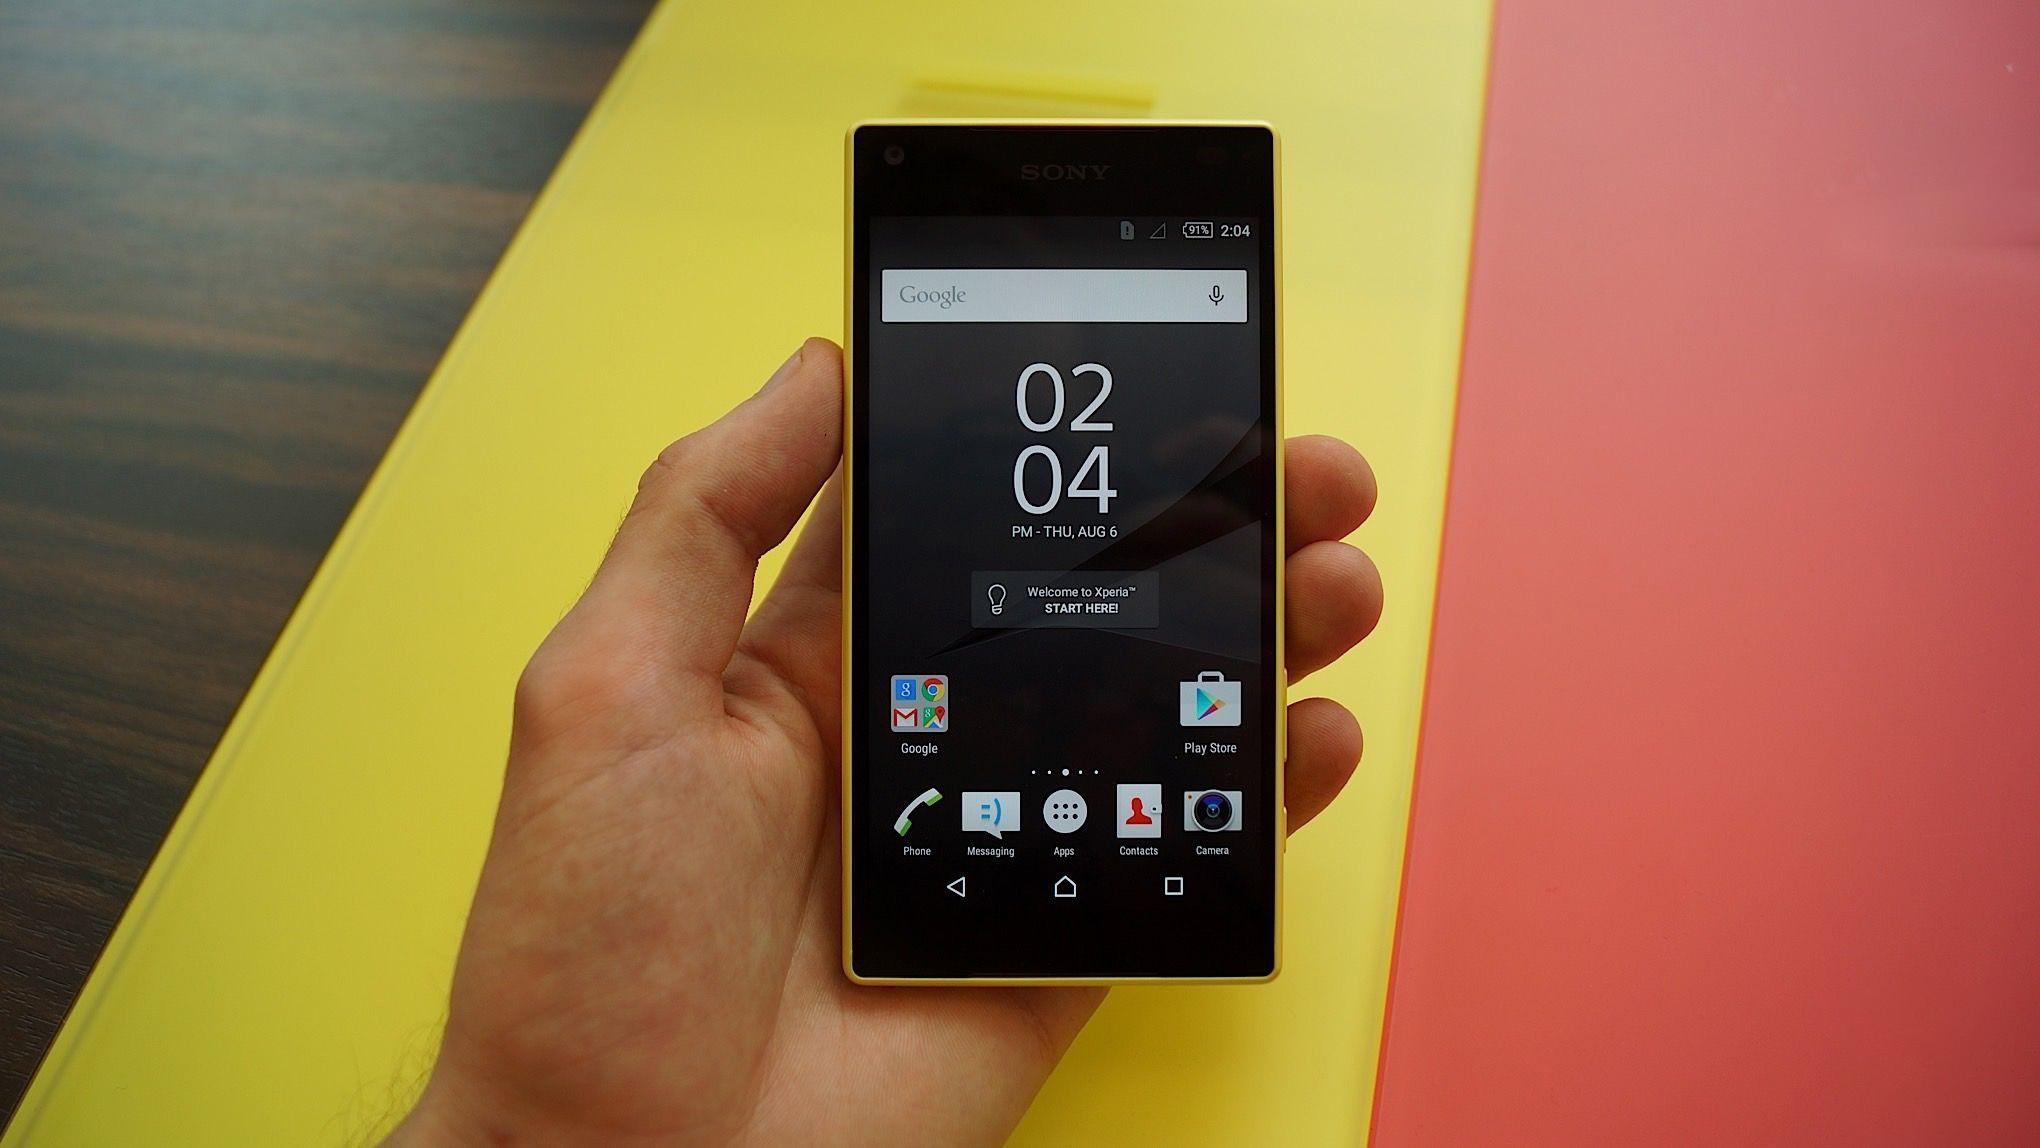 Sony Xperia Z5 Compact - Người dùng Sony Xperia Z5 Compact lo lắng với chip Snapdragon 810